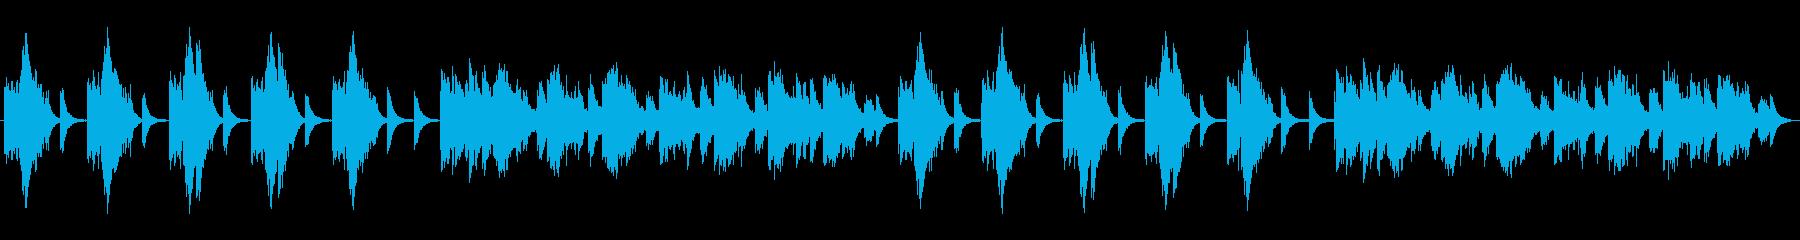 静かでオリエンタルな音色の再生済みの波形